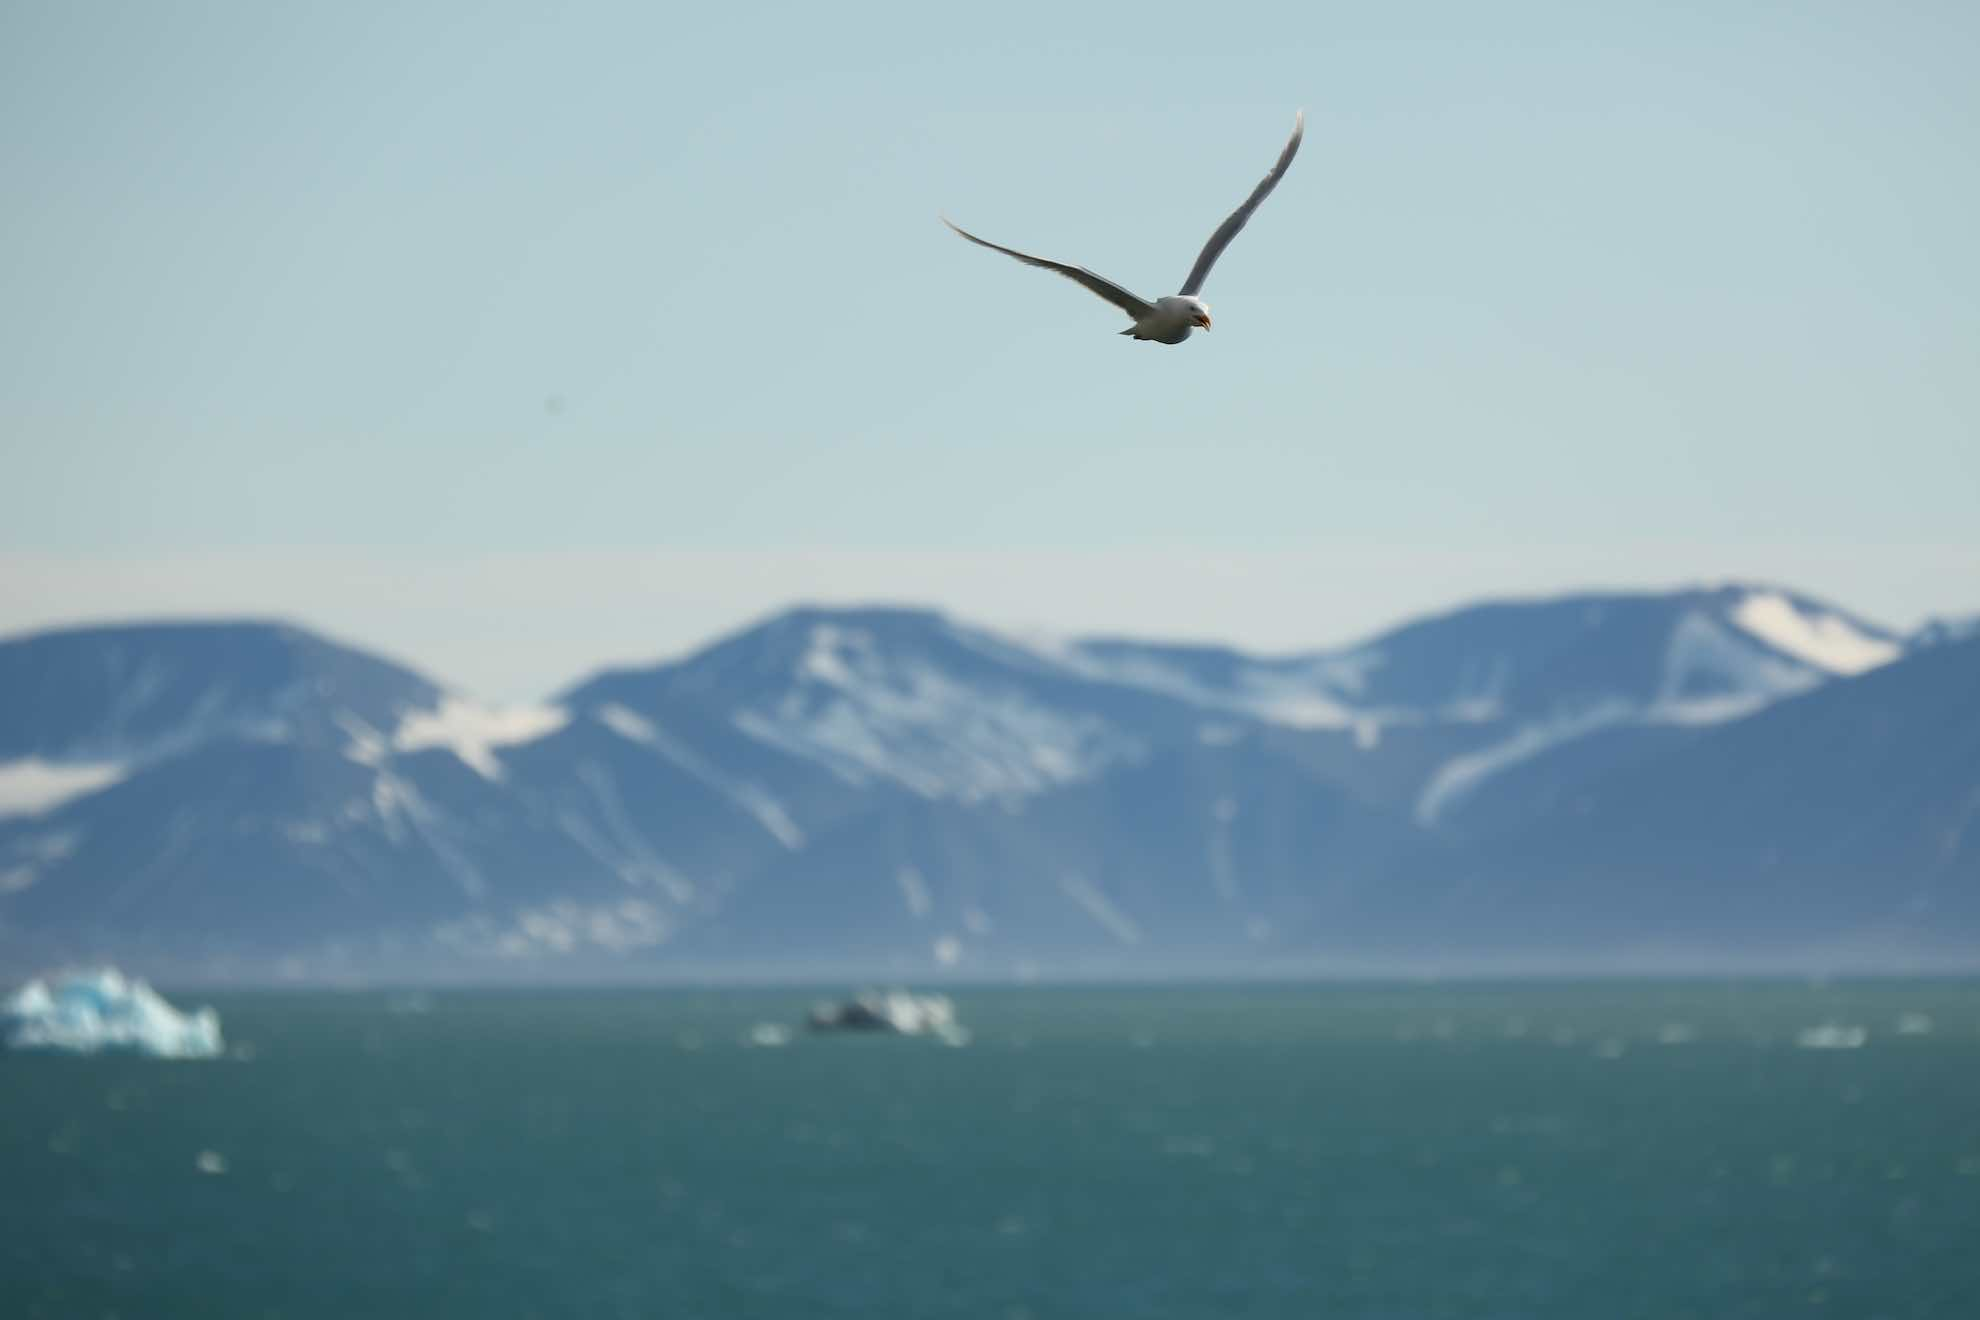 Gleichzeitig markiert die Erkundung des Liefdefjords den Scheitelpunkt der Spitzbergen-Reise. Bald geht es wieder Richtung Süden.